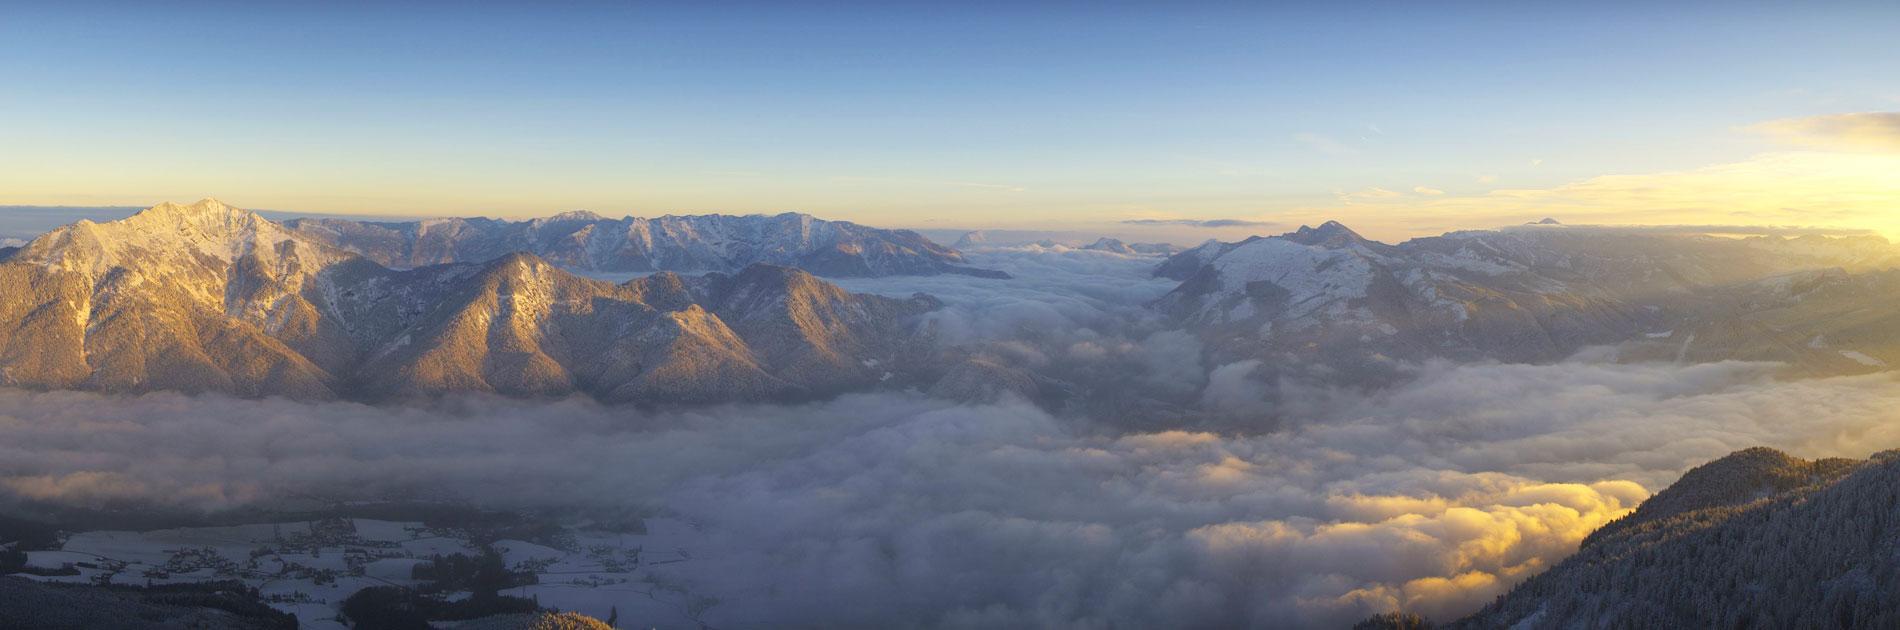 Panoramablick auf Bad Ischl und die umliegende Berglandschaft vom Katrin Gipfel aus